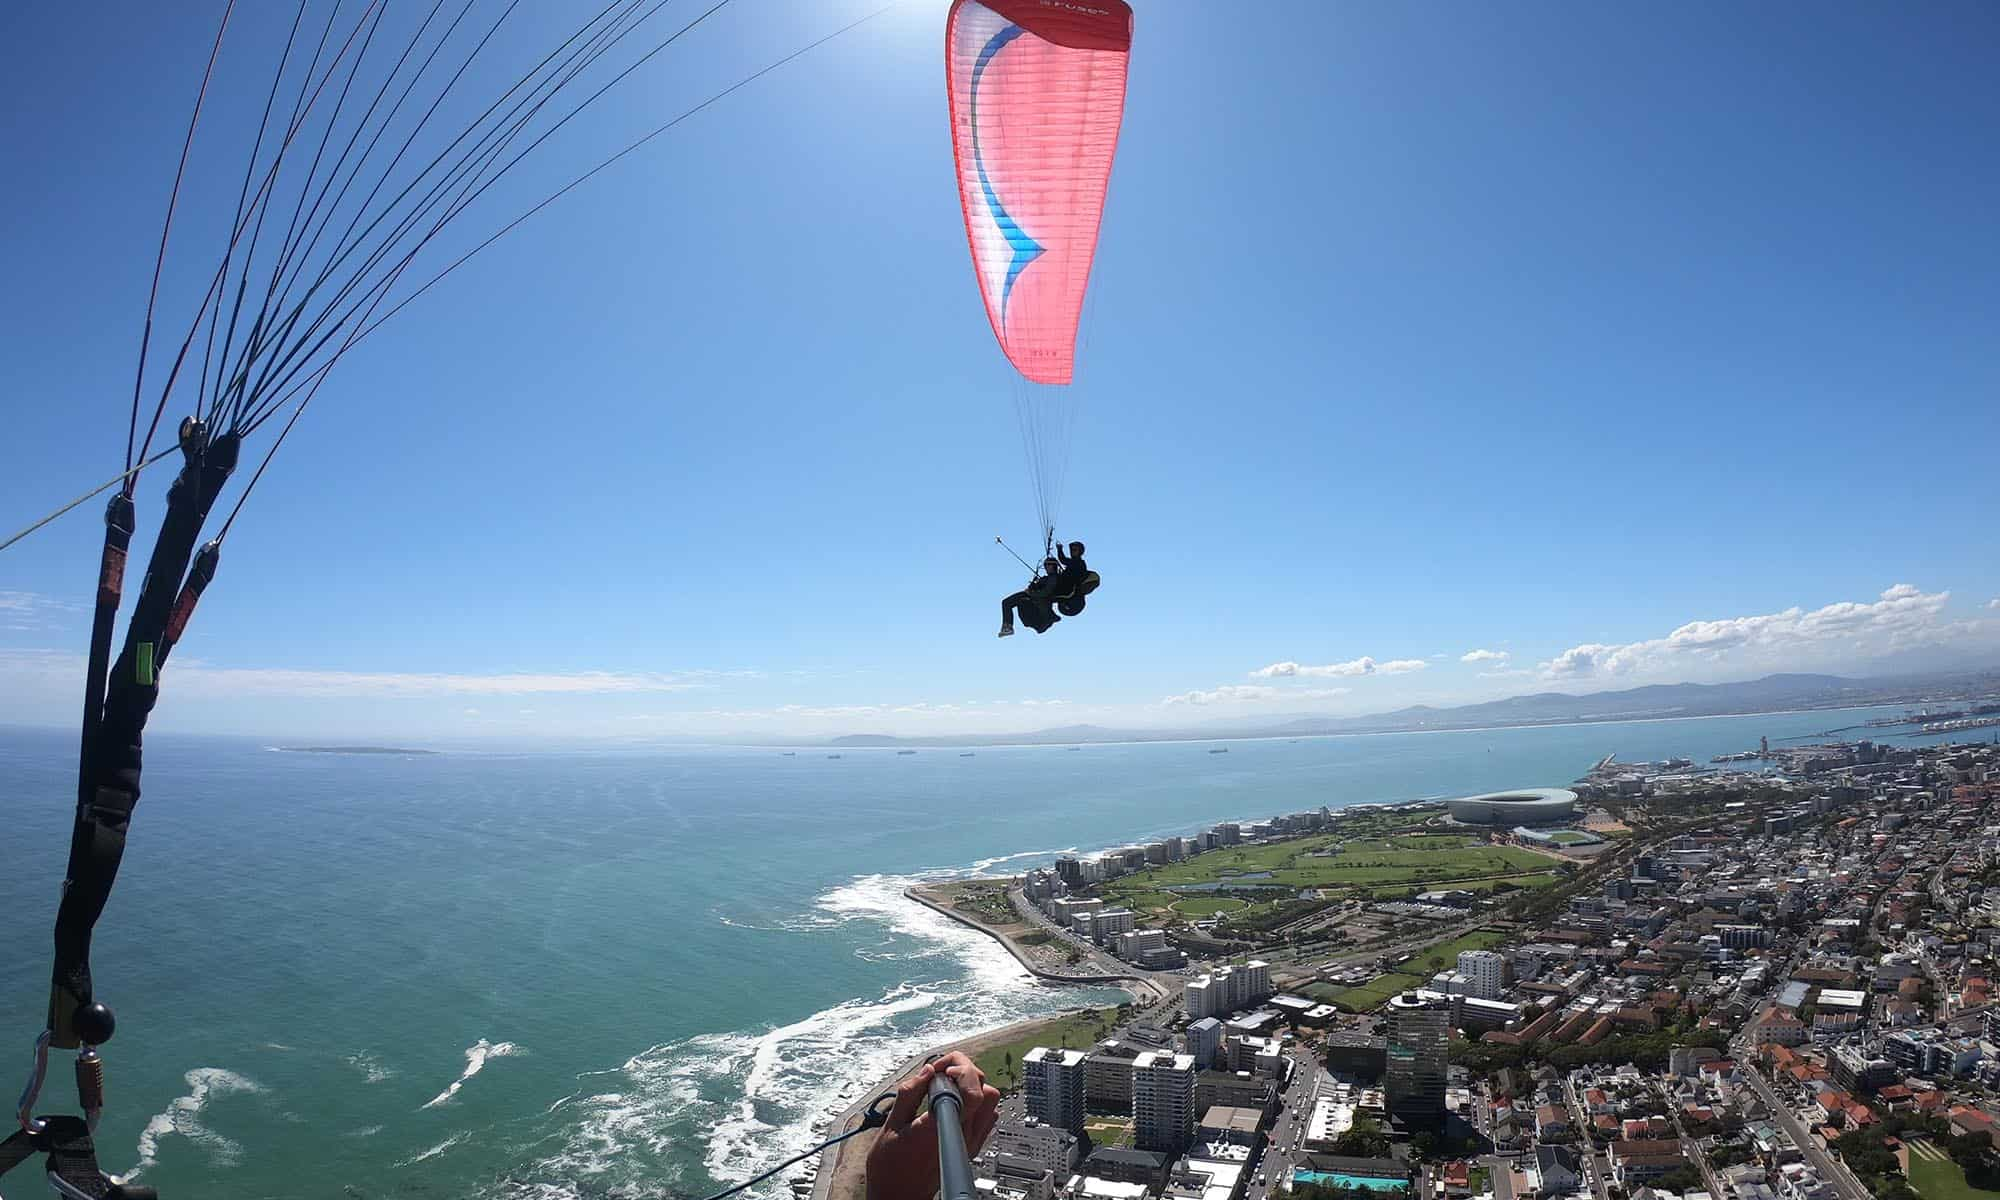 cape-hope-paragliding-15